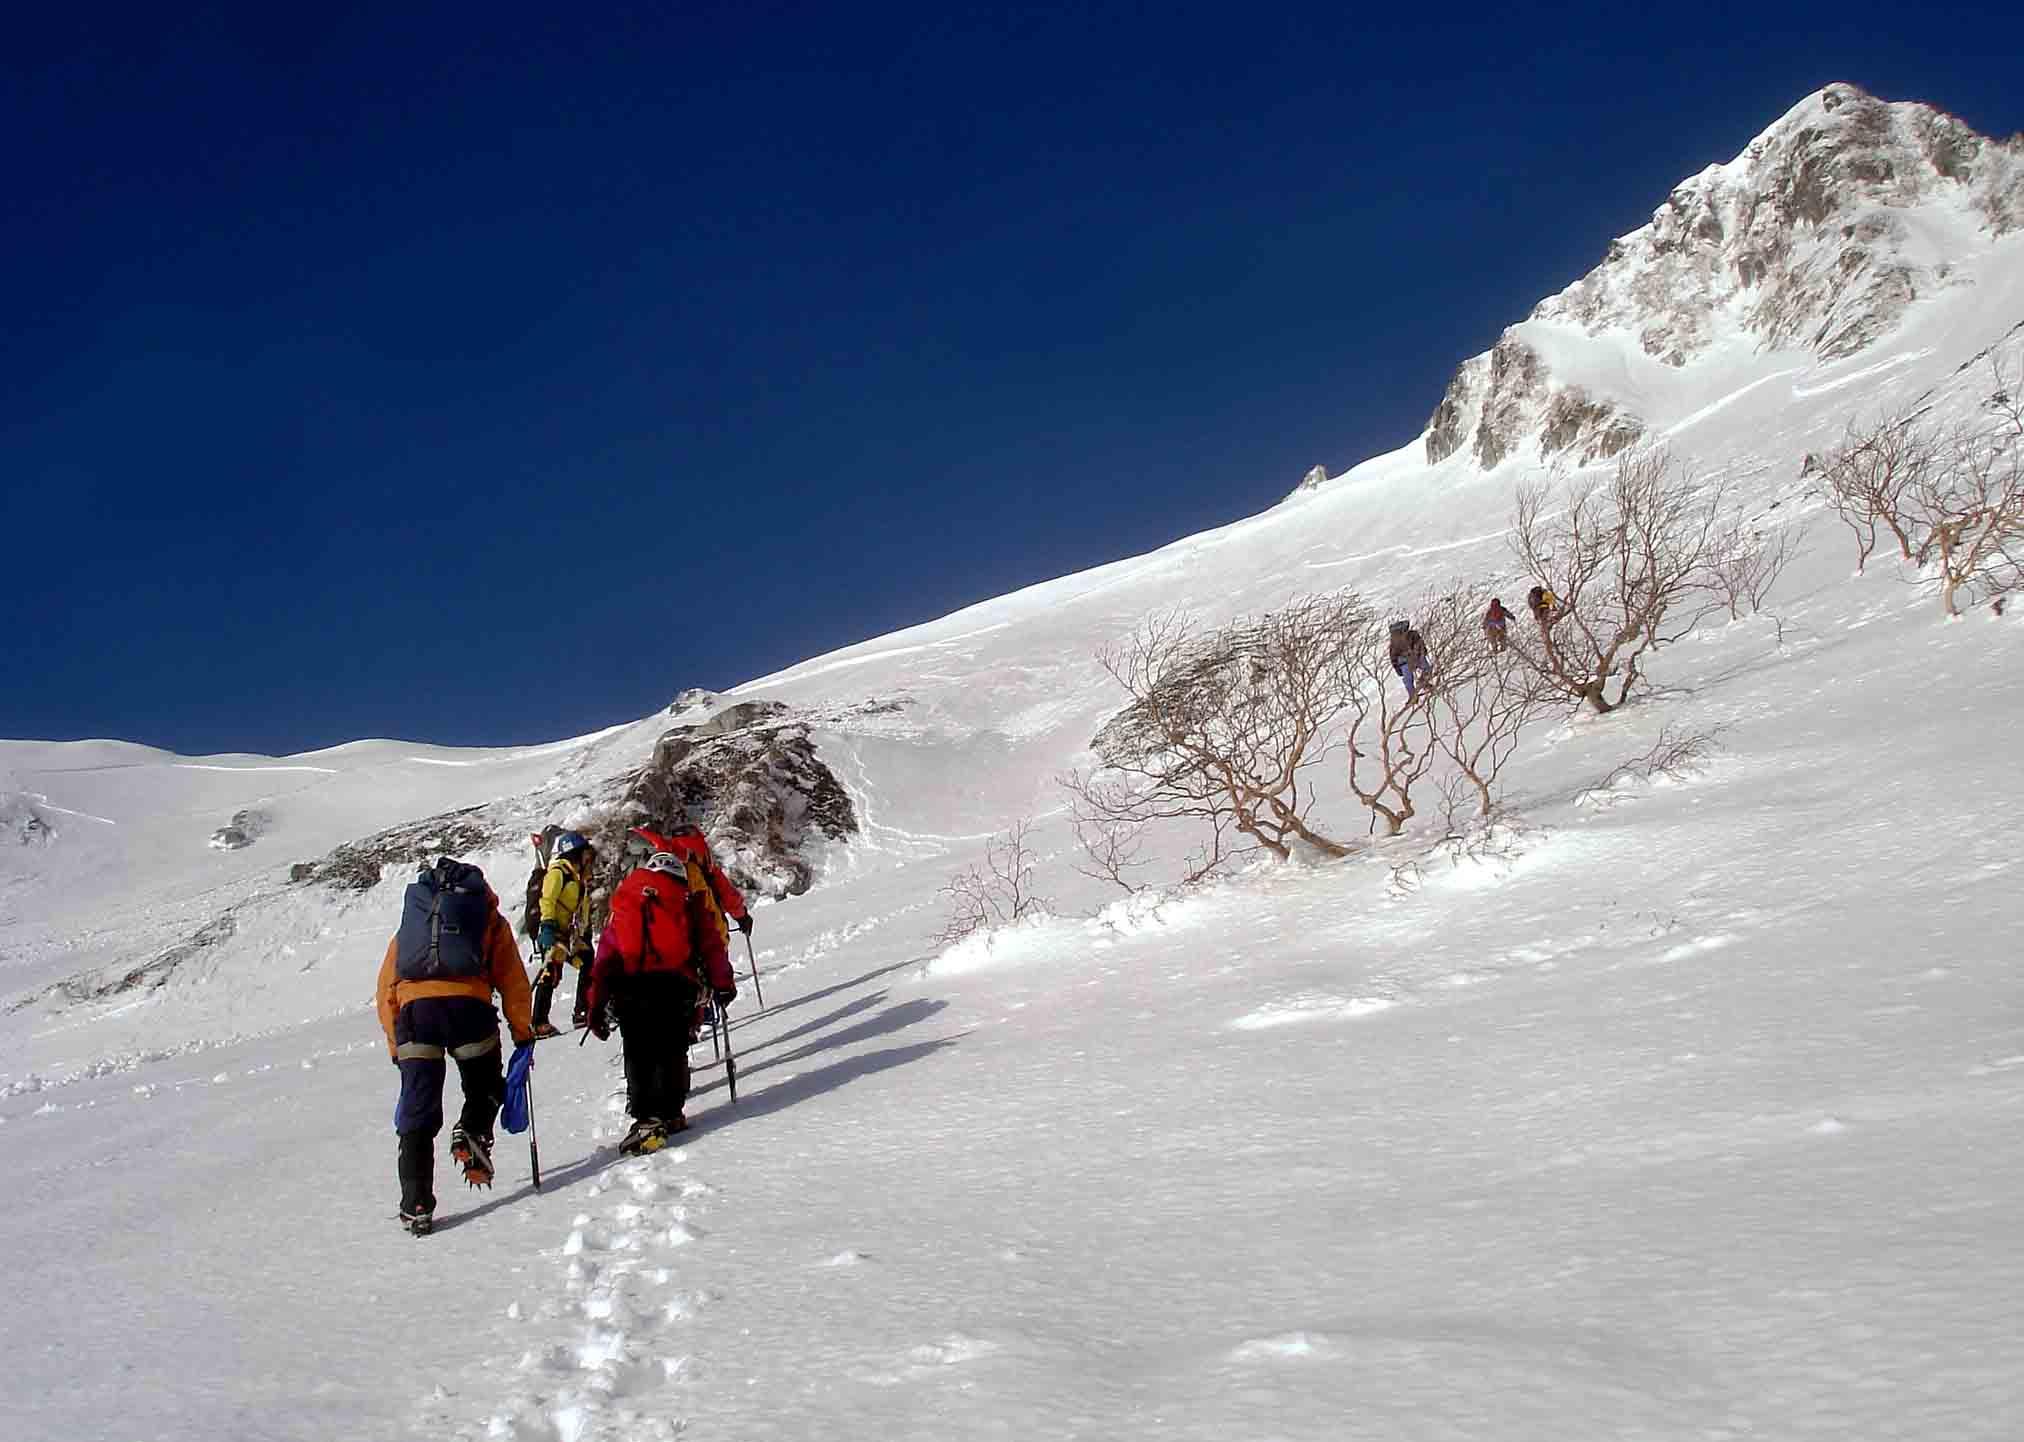 雪庇観察地点へ DSC05878